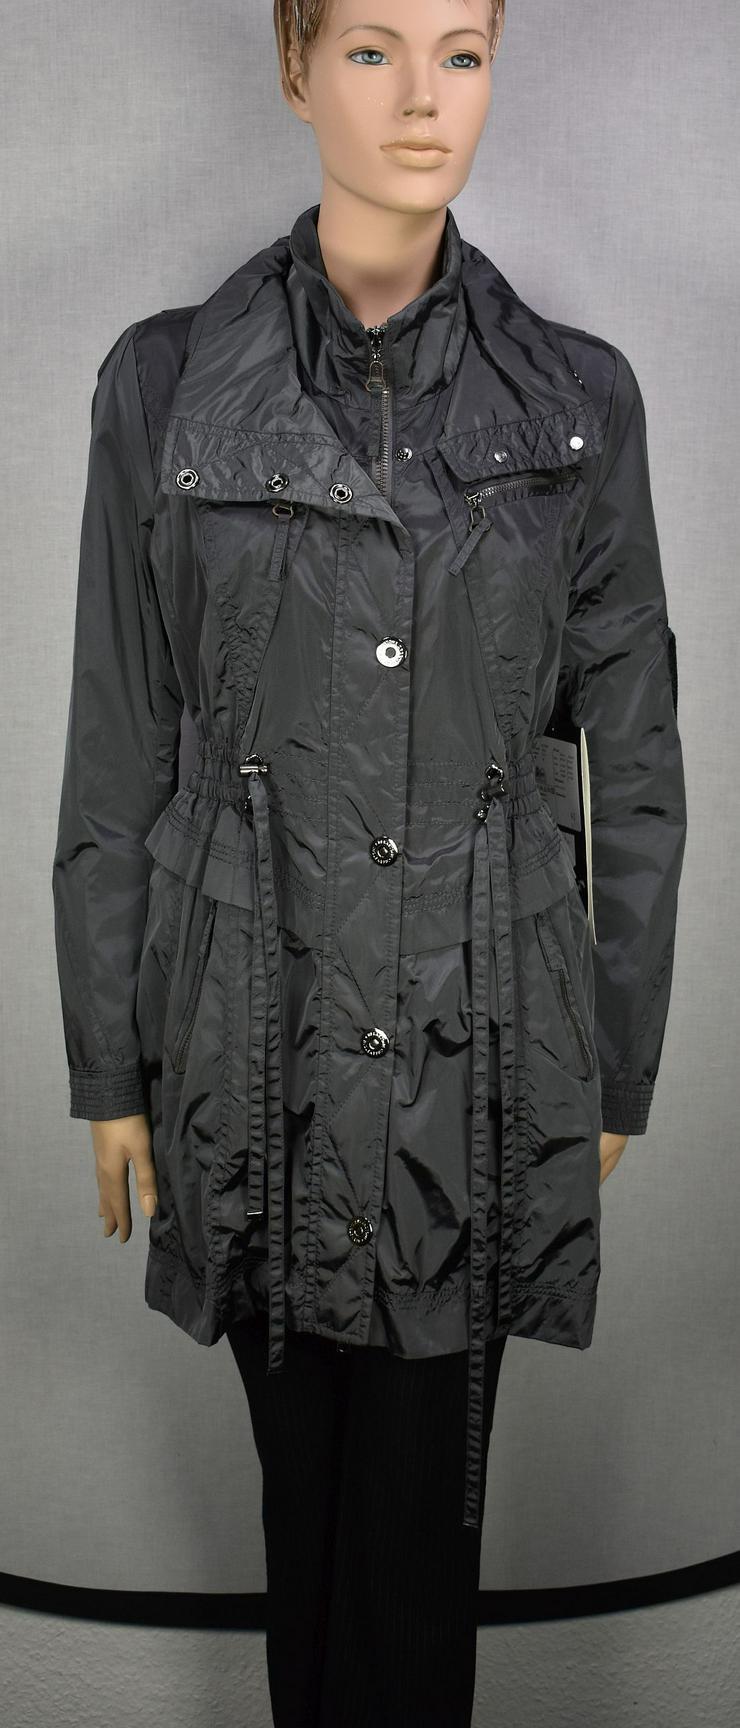 Creenstone Jacke Gr.38 Jacken Mantel nur für Abholer! 45012000